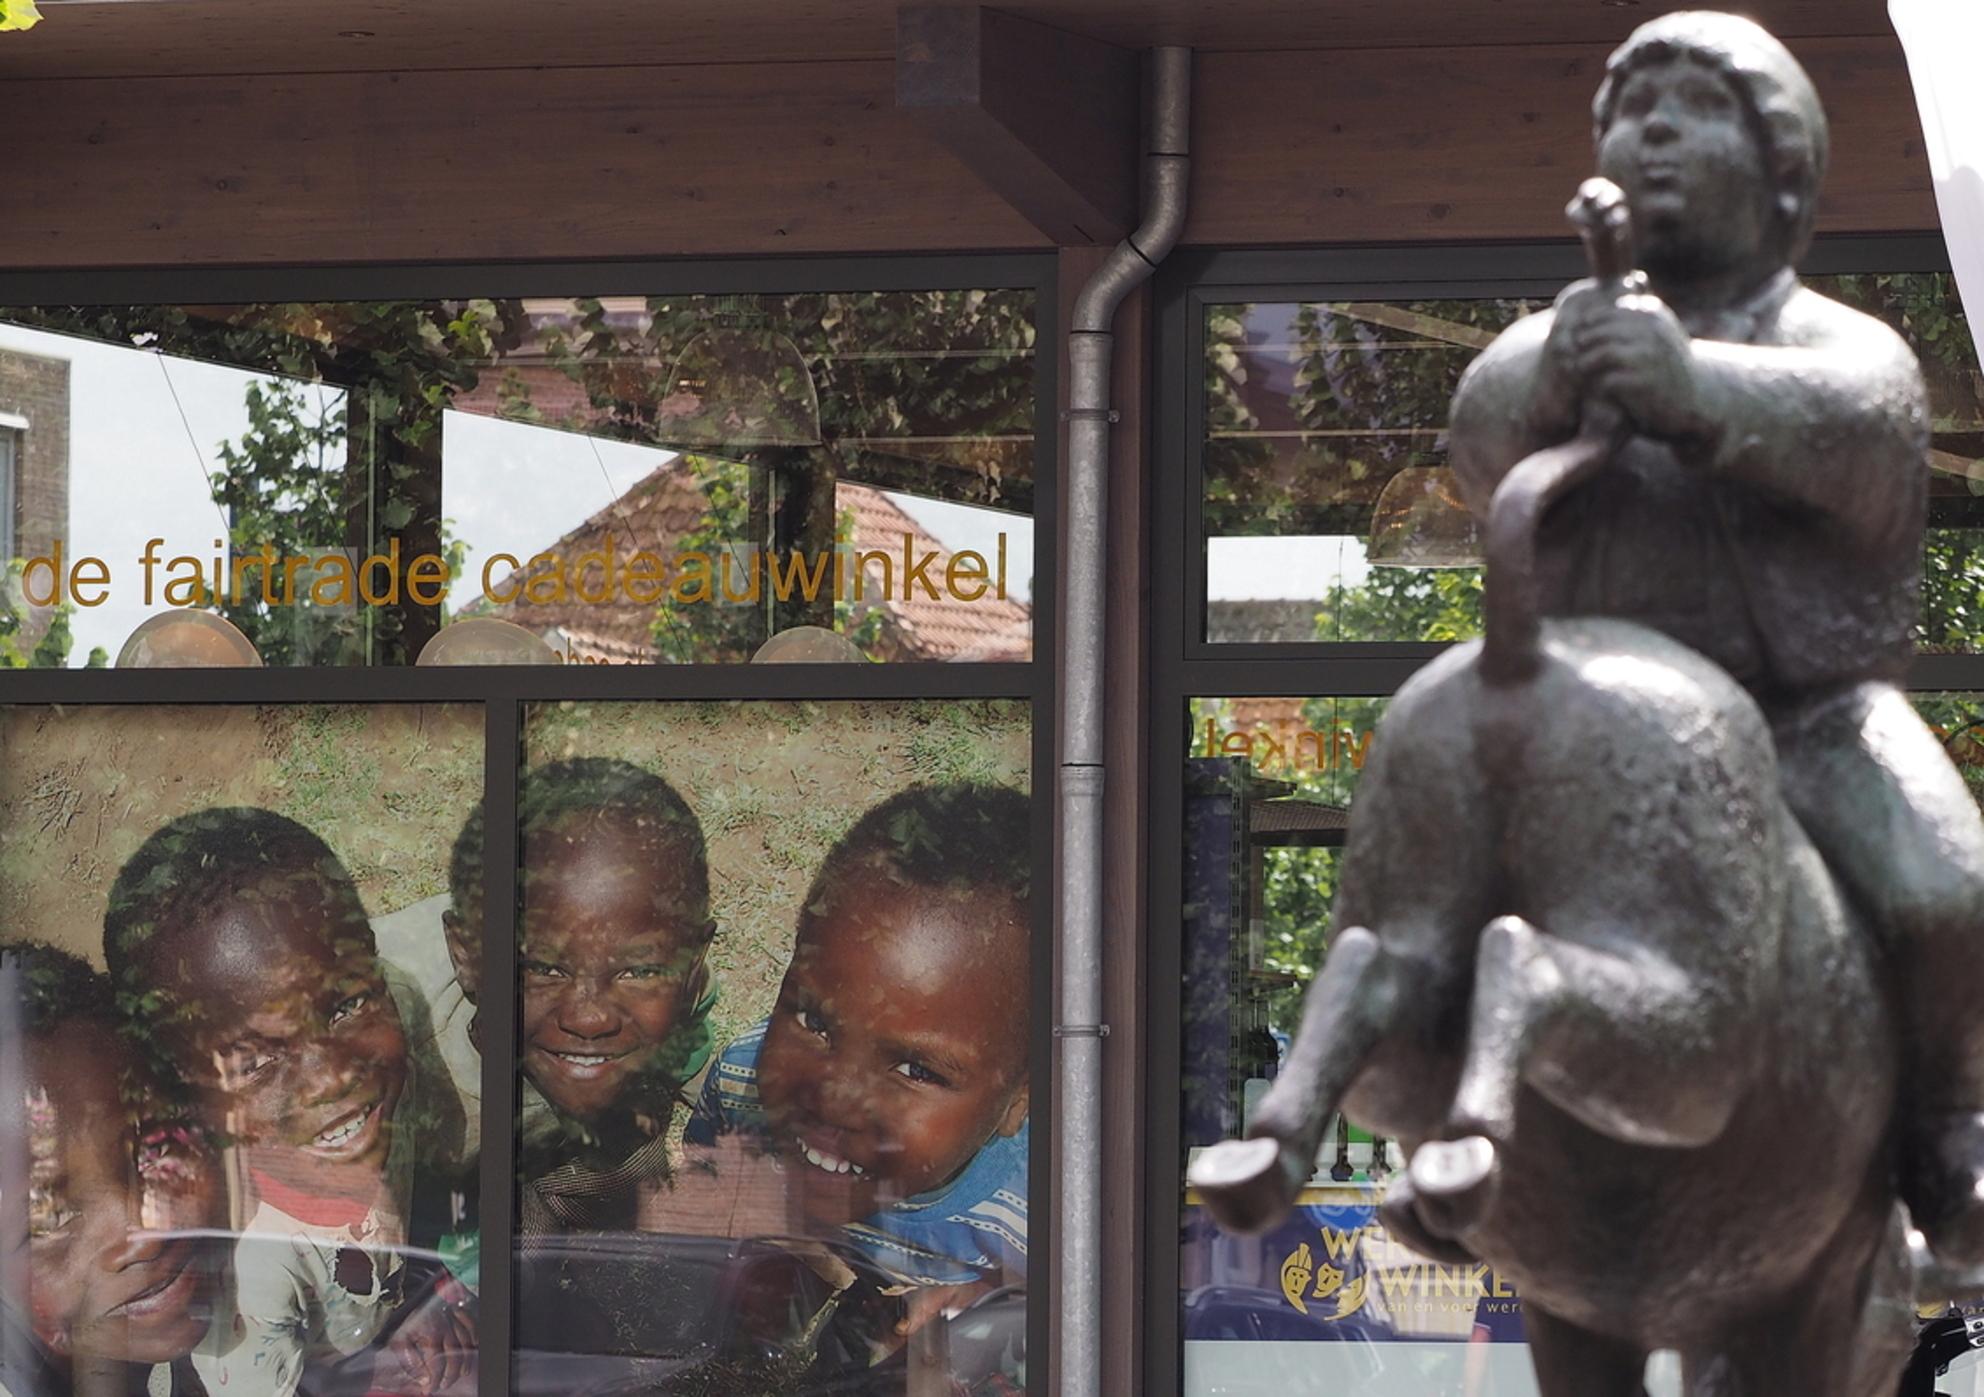 Beelden - Gekke Dik Trom....en de lachende Kinderen ,in een beeld gepakt ... - foto door pietsnoeier op 15-08-2016 - deze foto bevat: beeld, kinderen, lachen, straatfotografie, hoofddorp, diktrom - Deze foto mag gebruikt worden in een Zoom.nl publicatie